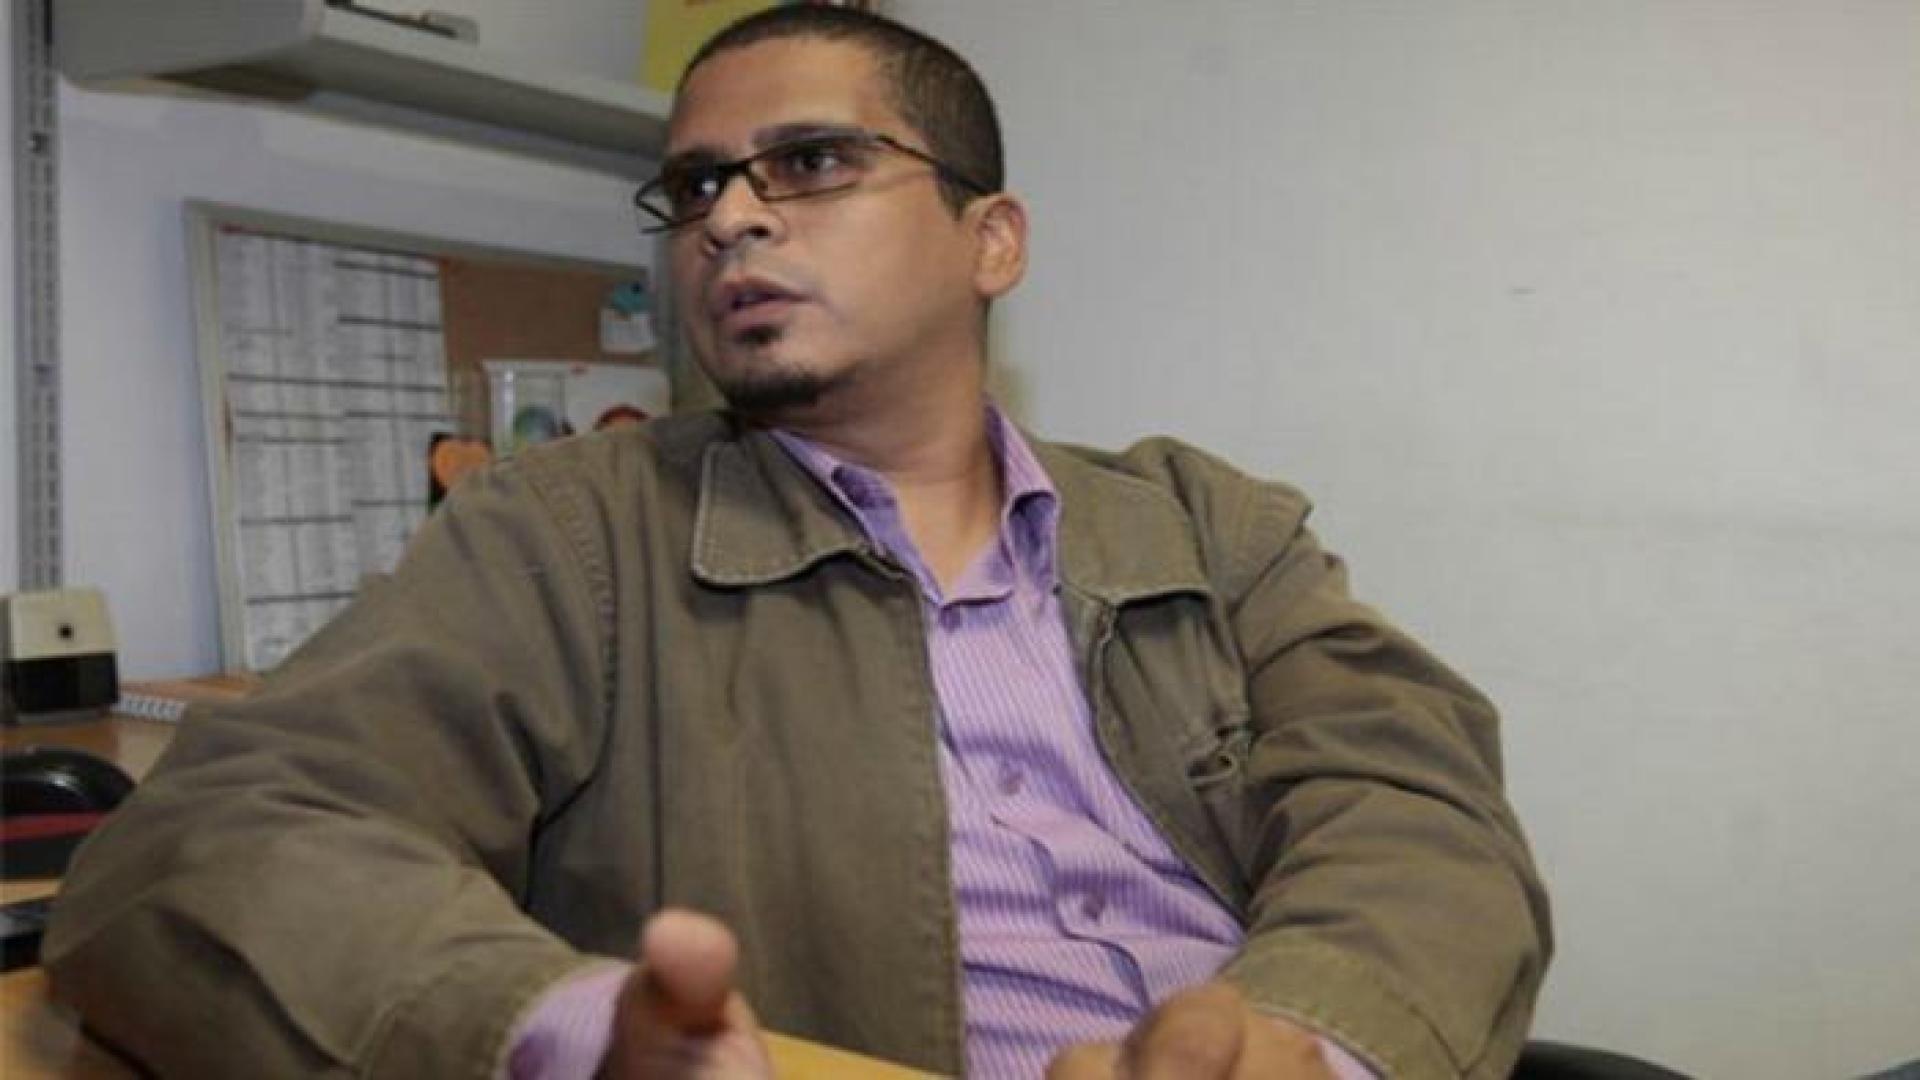 [VIDEO] Detienen a Nicmer Evans por supuesta instigación al odio